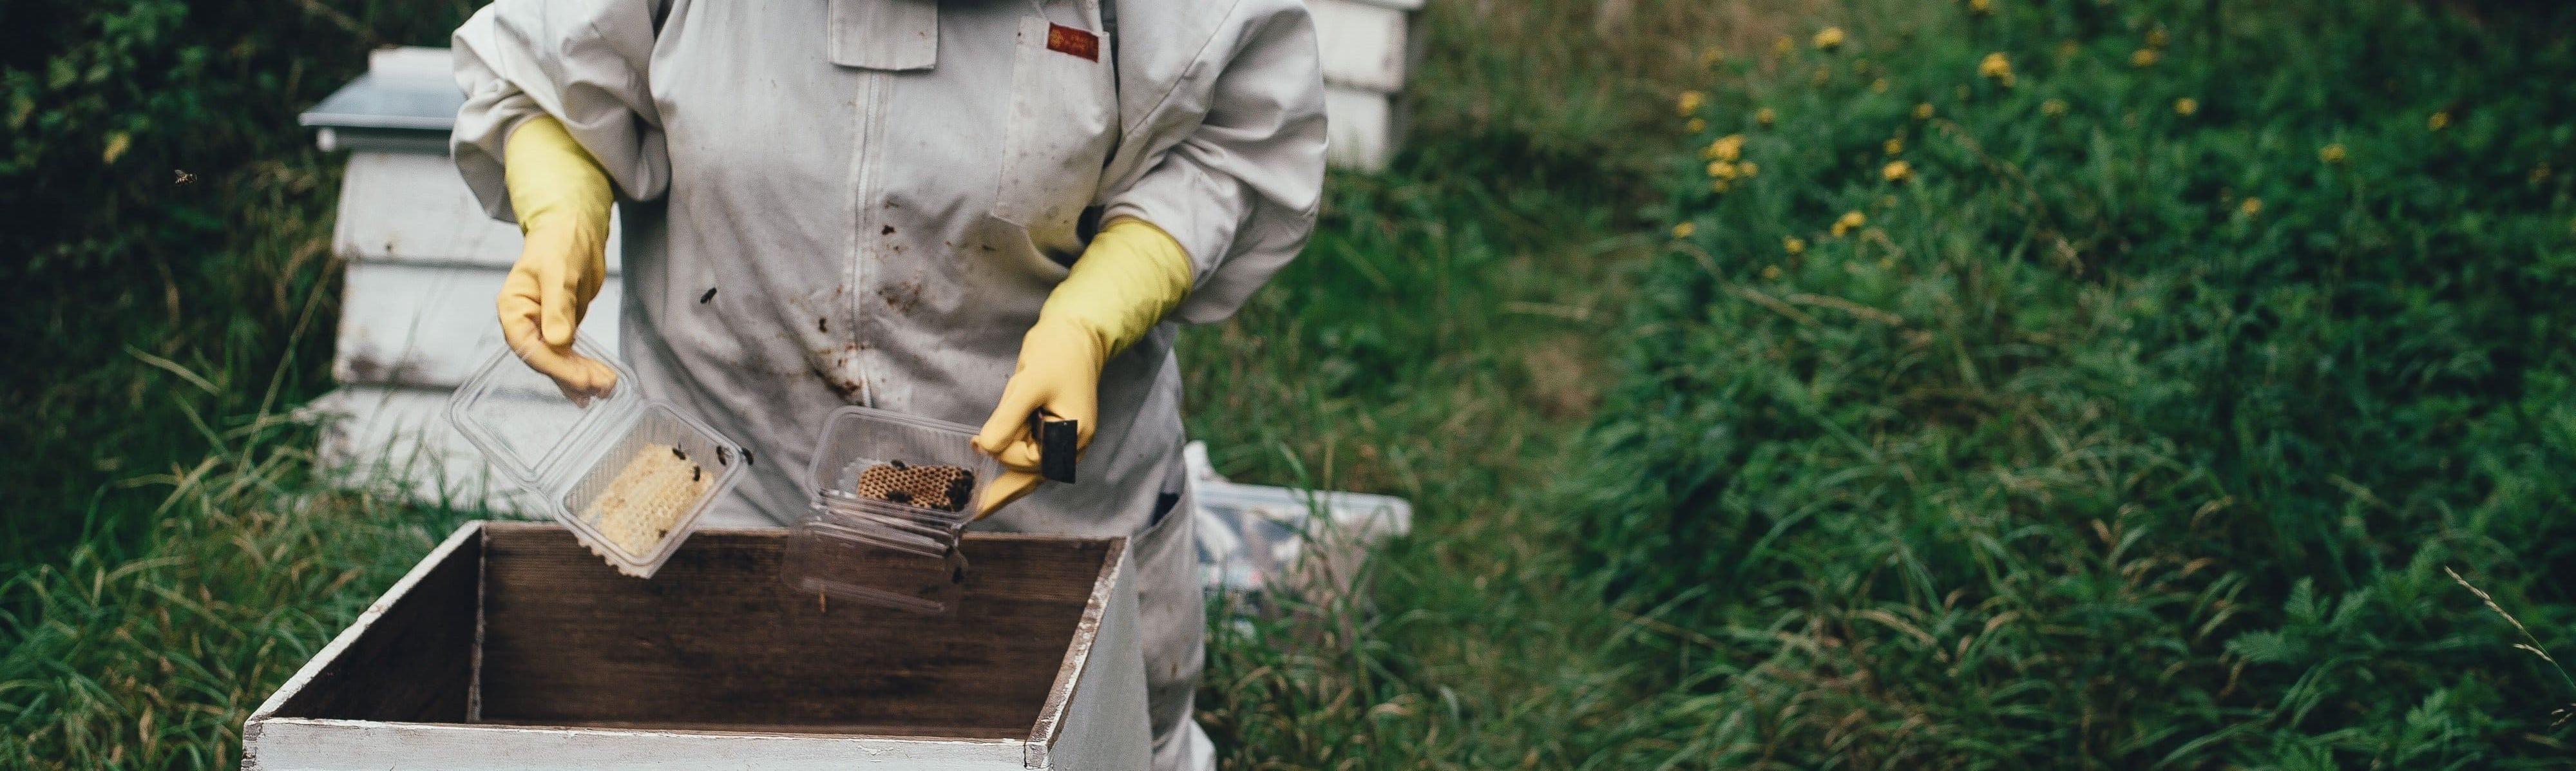 Vêtements de l'apiculteur